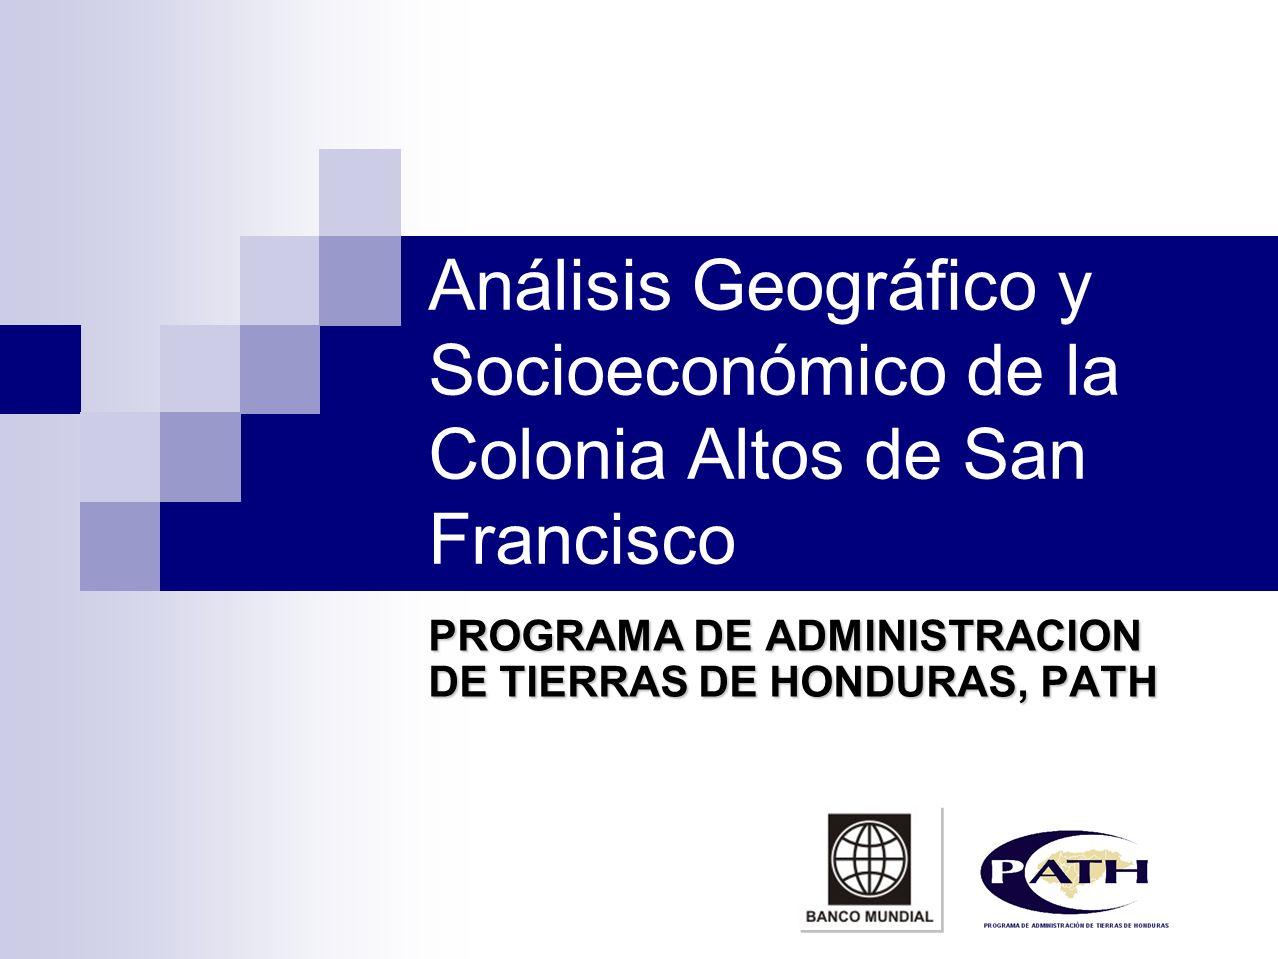 Análisis Geográfico y Socioeconómico de la Colonia Altos de San Francisco PROGRAMA DE ADMINISTRACION DE TIERRAS DE HONDURAS, PATH